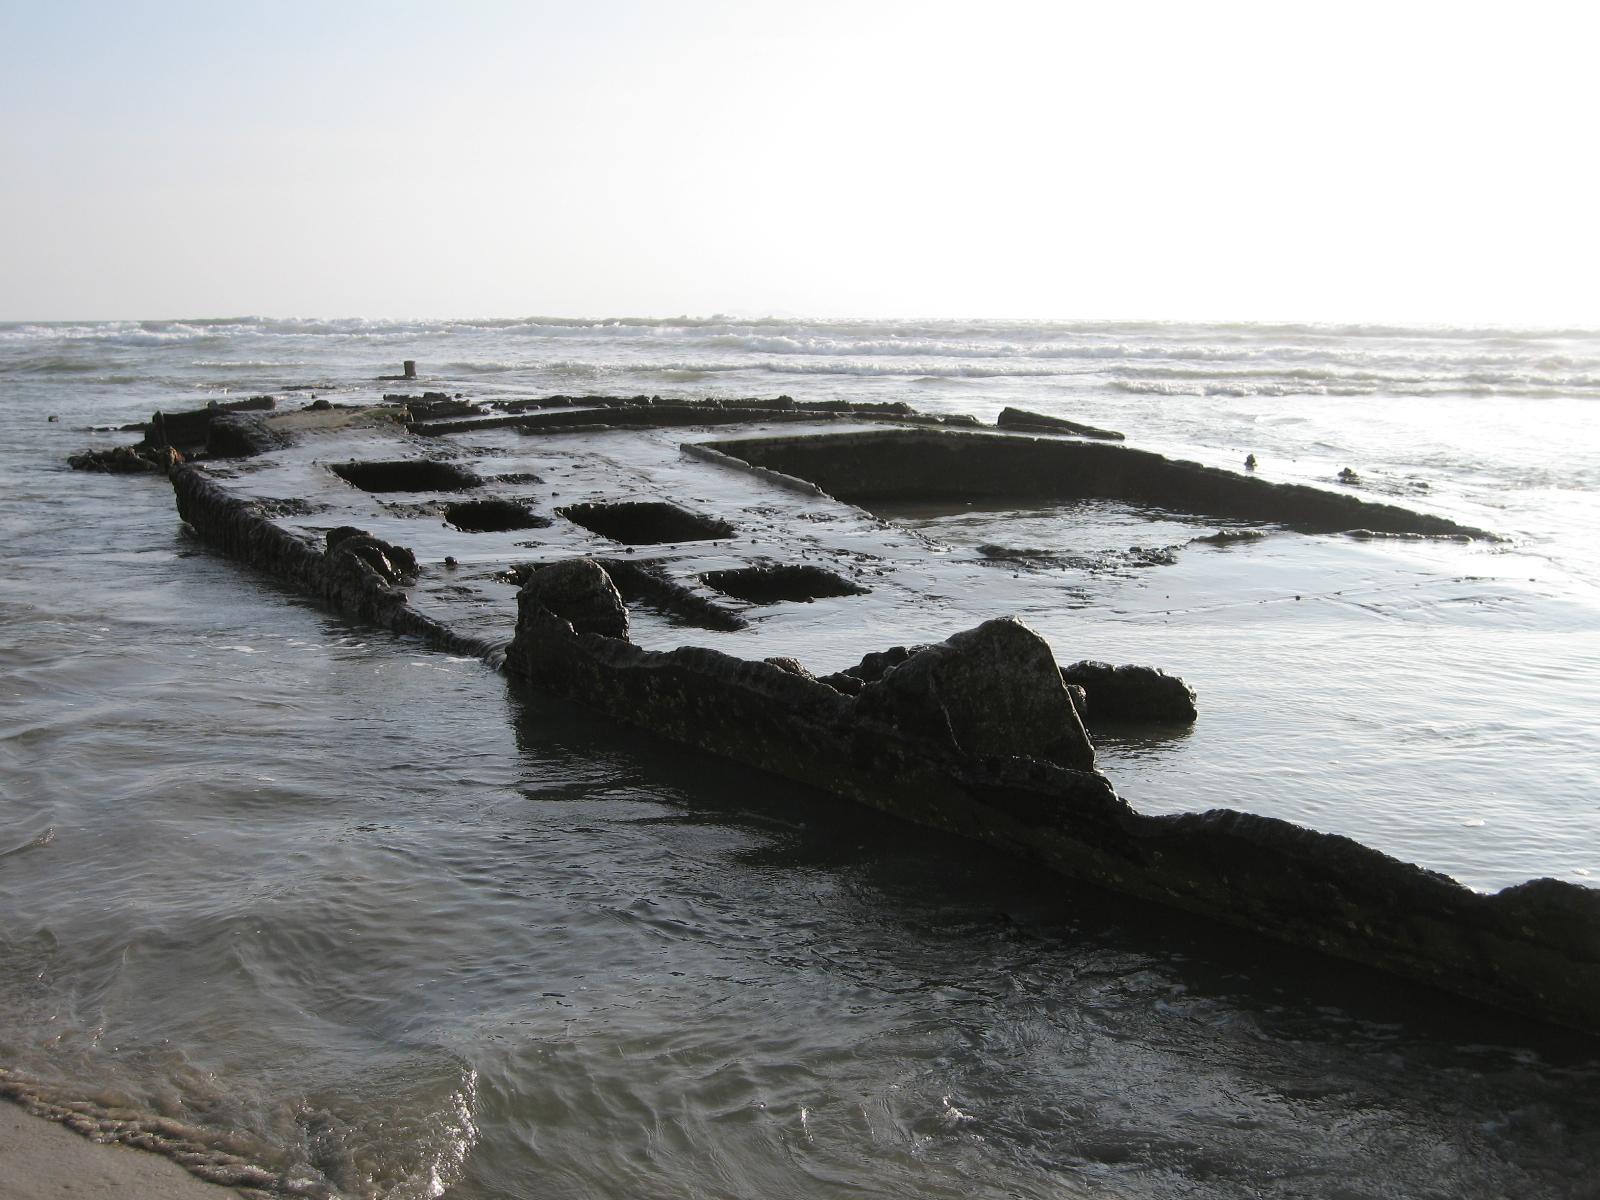 ss_monte_carlo_shipwreck_2010-01-30.jpg